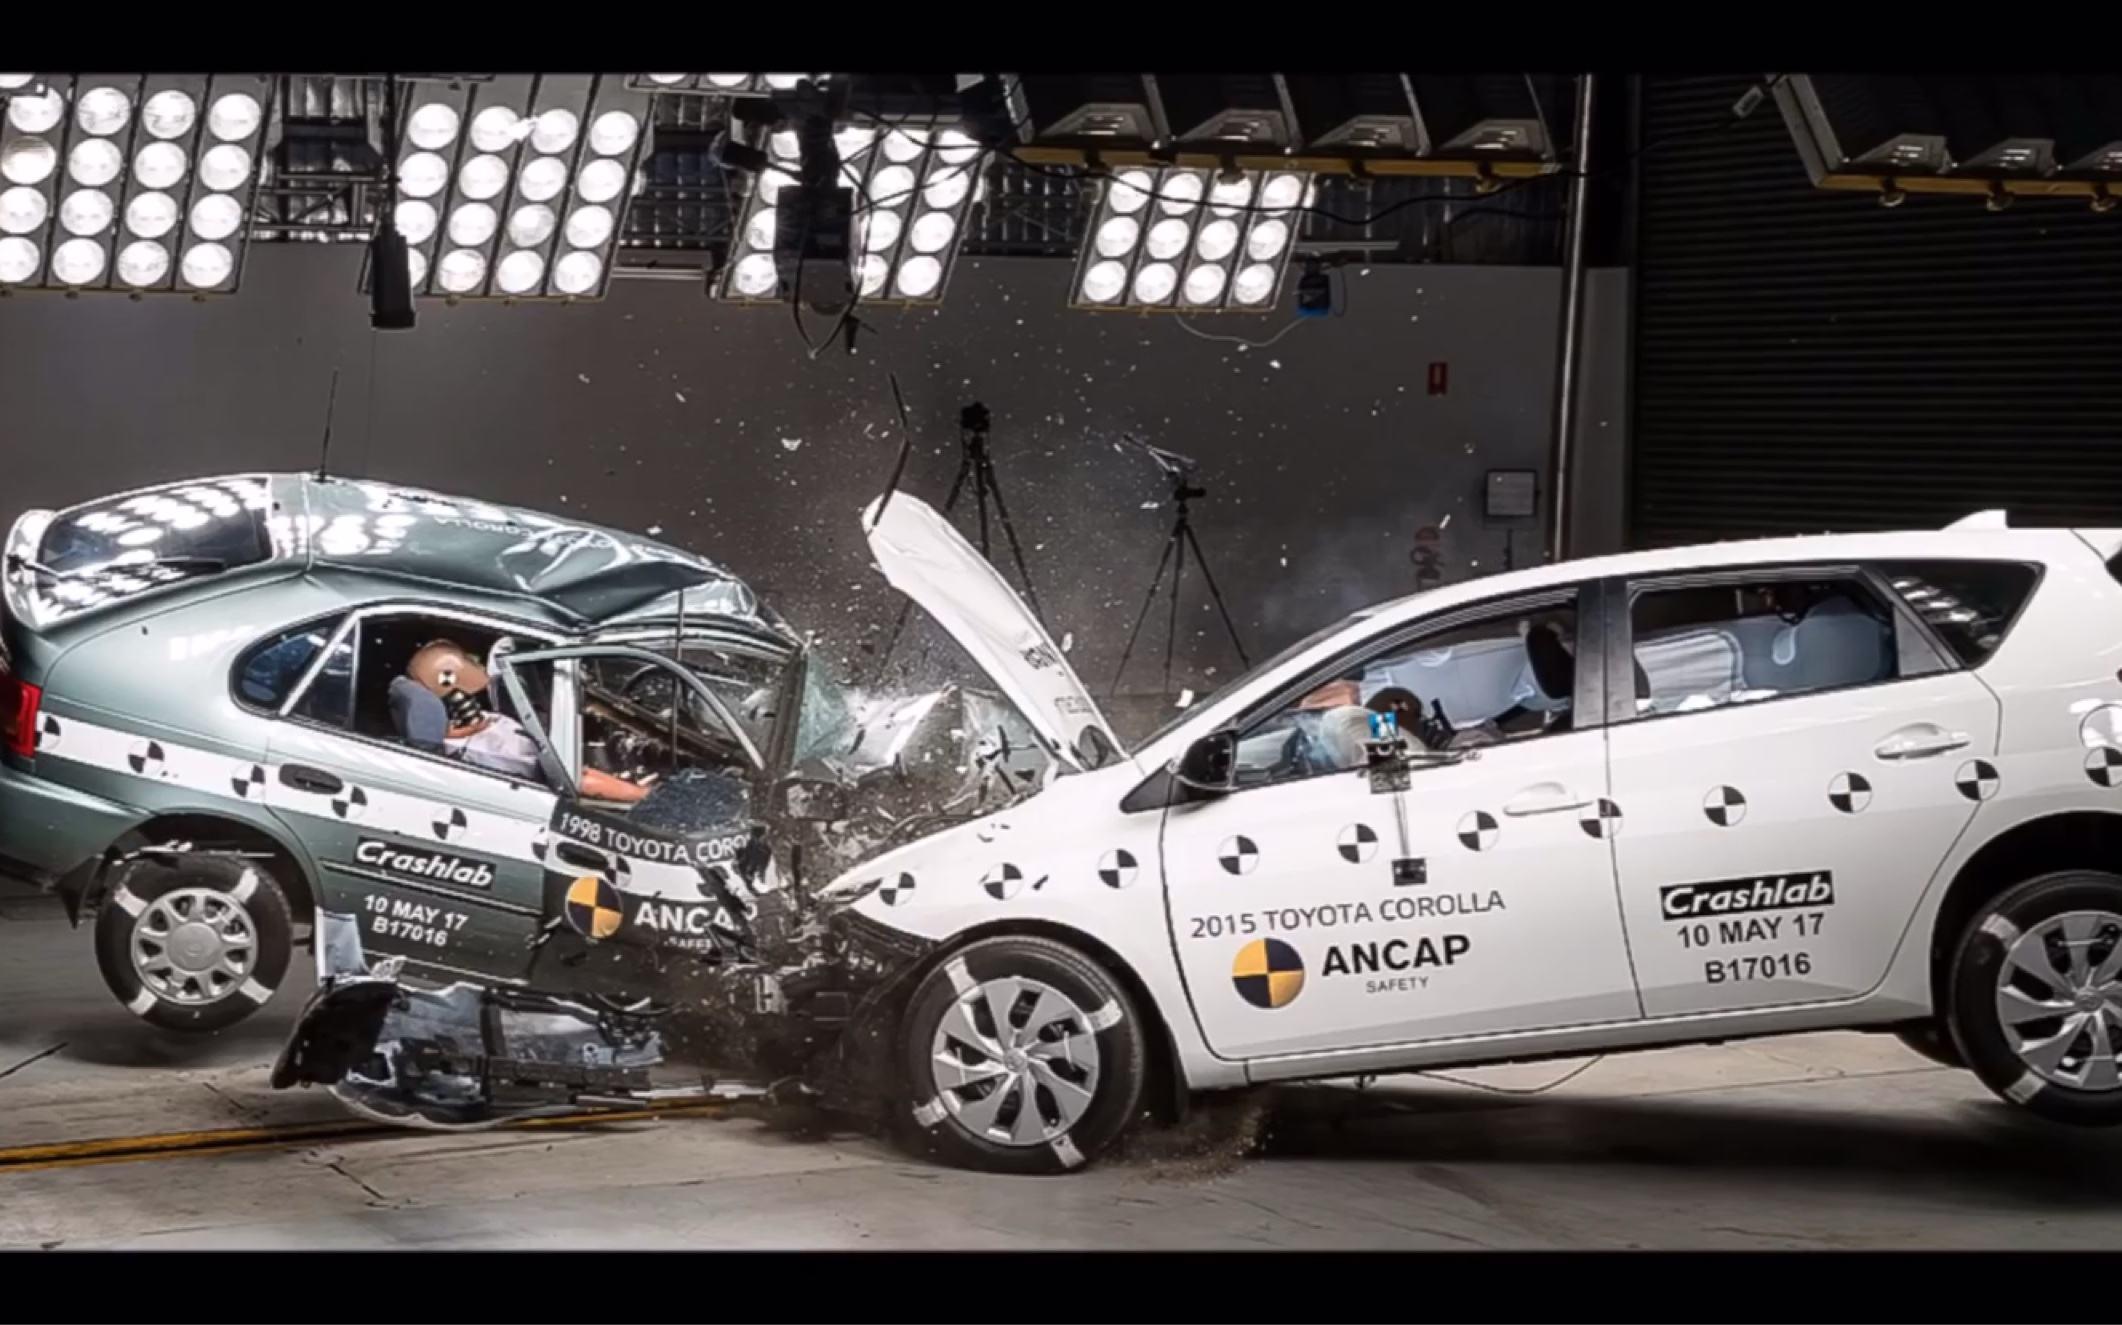 丰田将于明年免费开放汽车碰撞测试软件,可帮助降低碰撞实验成本